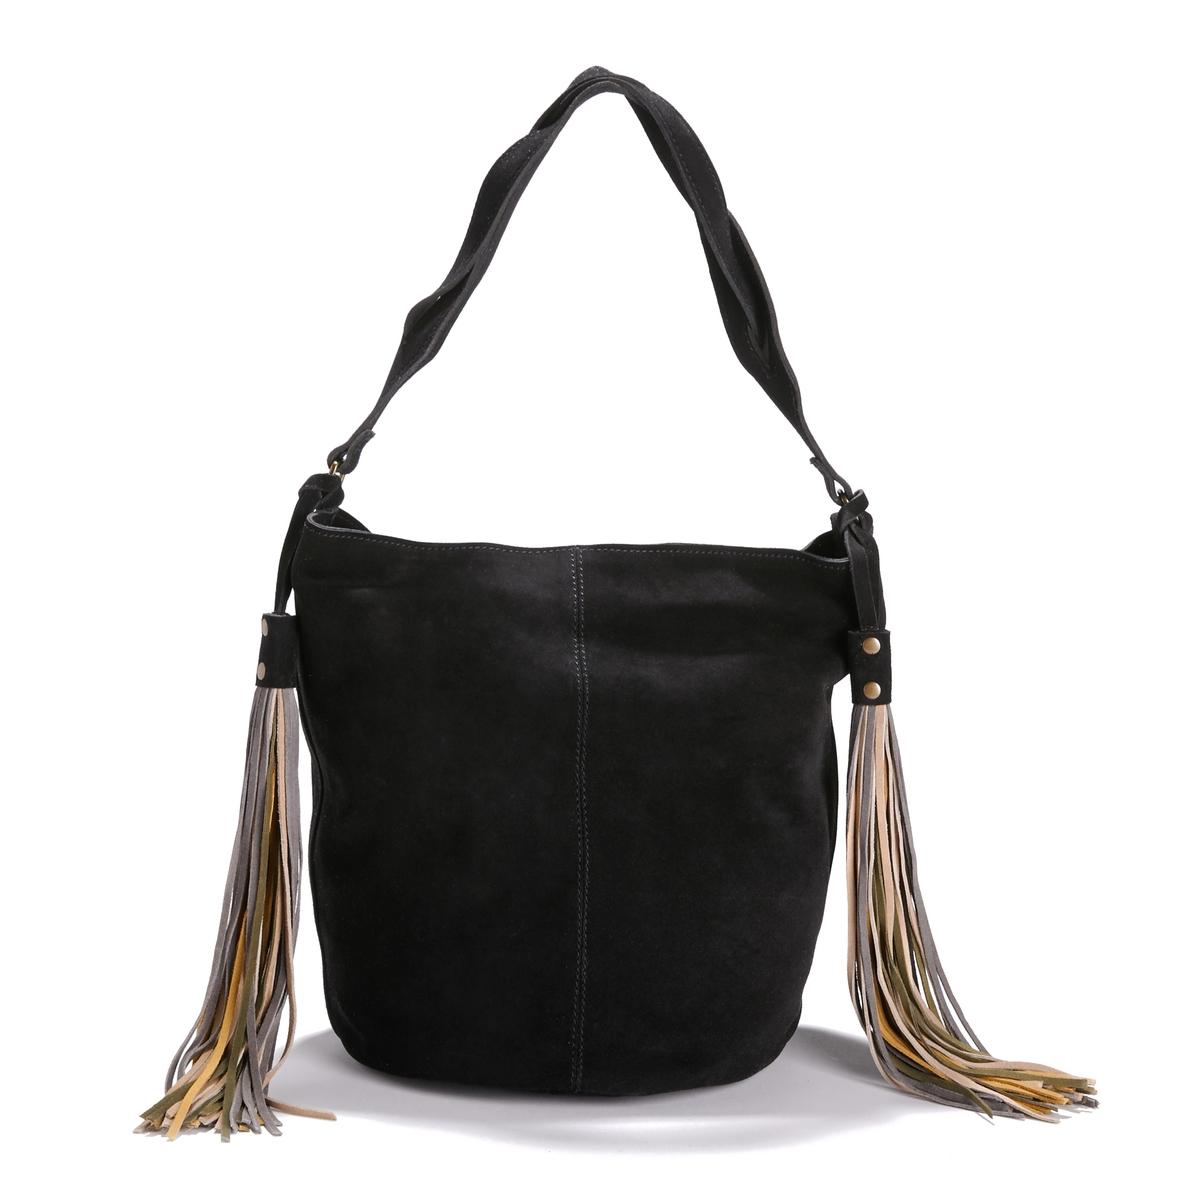 Сумка с помпонамиОписание:Красивая кожа и нежная форма, 2 помпона с длинной бахромой : стильная сумка из кожи, сочетается с джинсами и изысканнами нарядами  !Состав и описание : •  Внешний материал : замша (яловичная кожа). 2 кармана на молнии спереди •  Подкладка : хлопок •  Размер  : H31 X L37 X P21,5 см  •  Застежка : кнопка на магните •  Внутренние карманы : 1 карман для мобильного телефона  •  Нерегулируемый и несъемный ремешок<br><br>Цвет: темно-бежевый,черный<br>Размер: единый размер